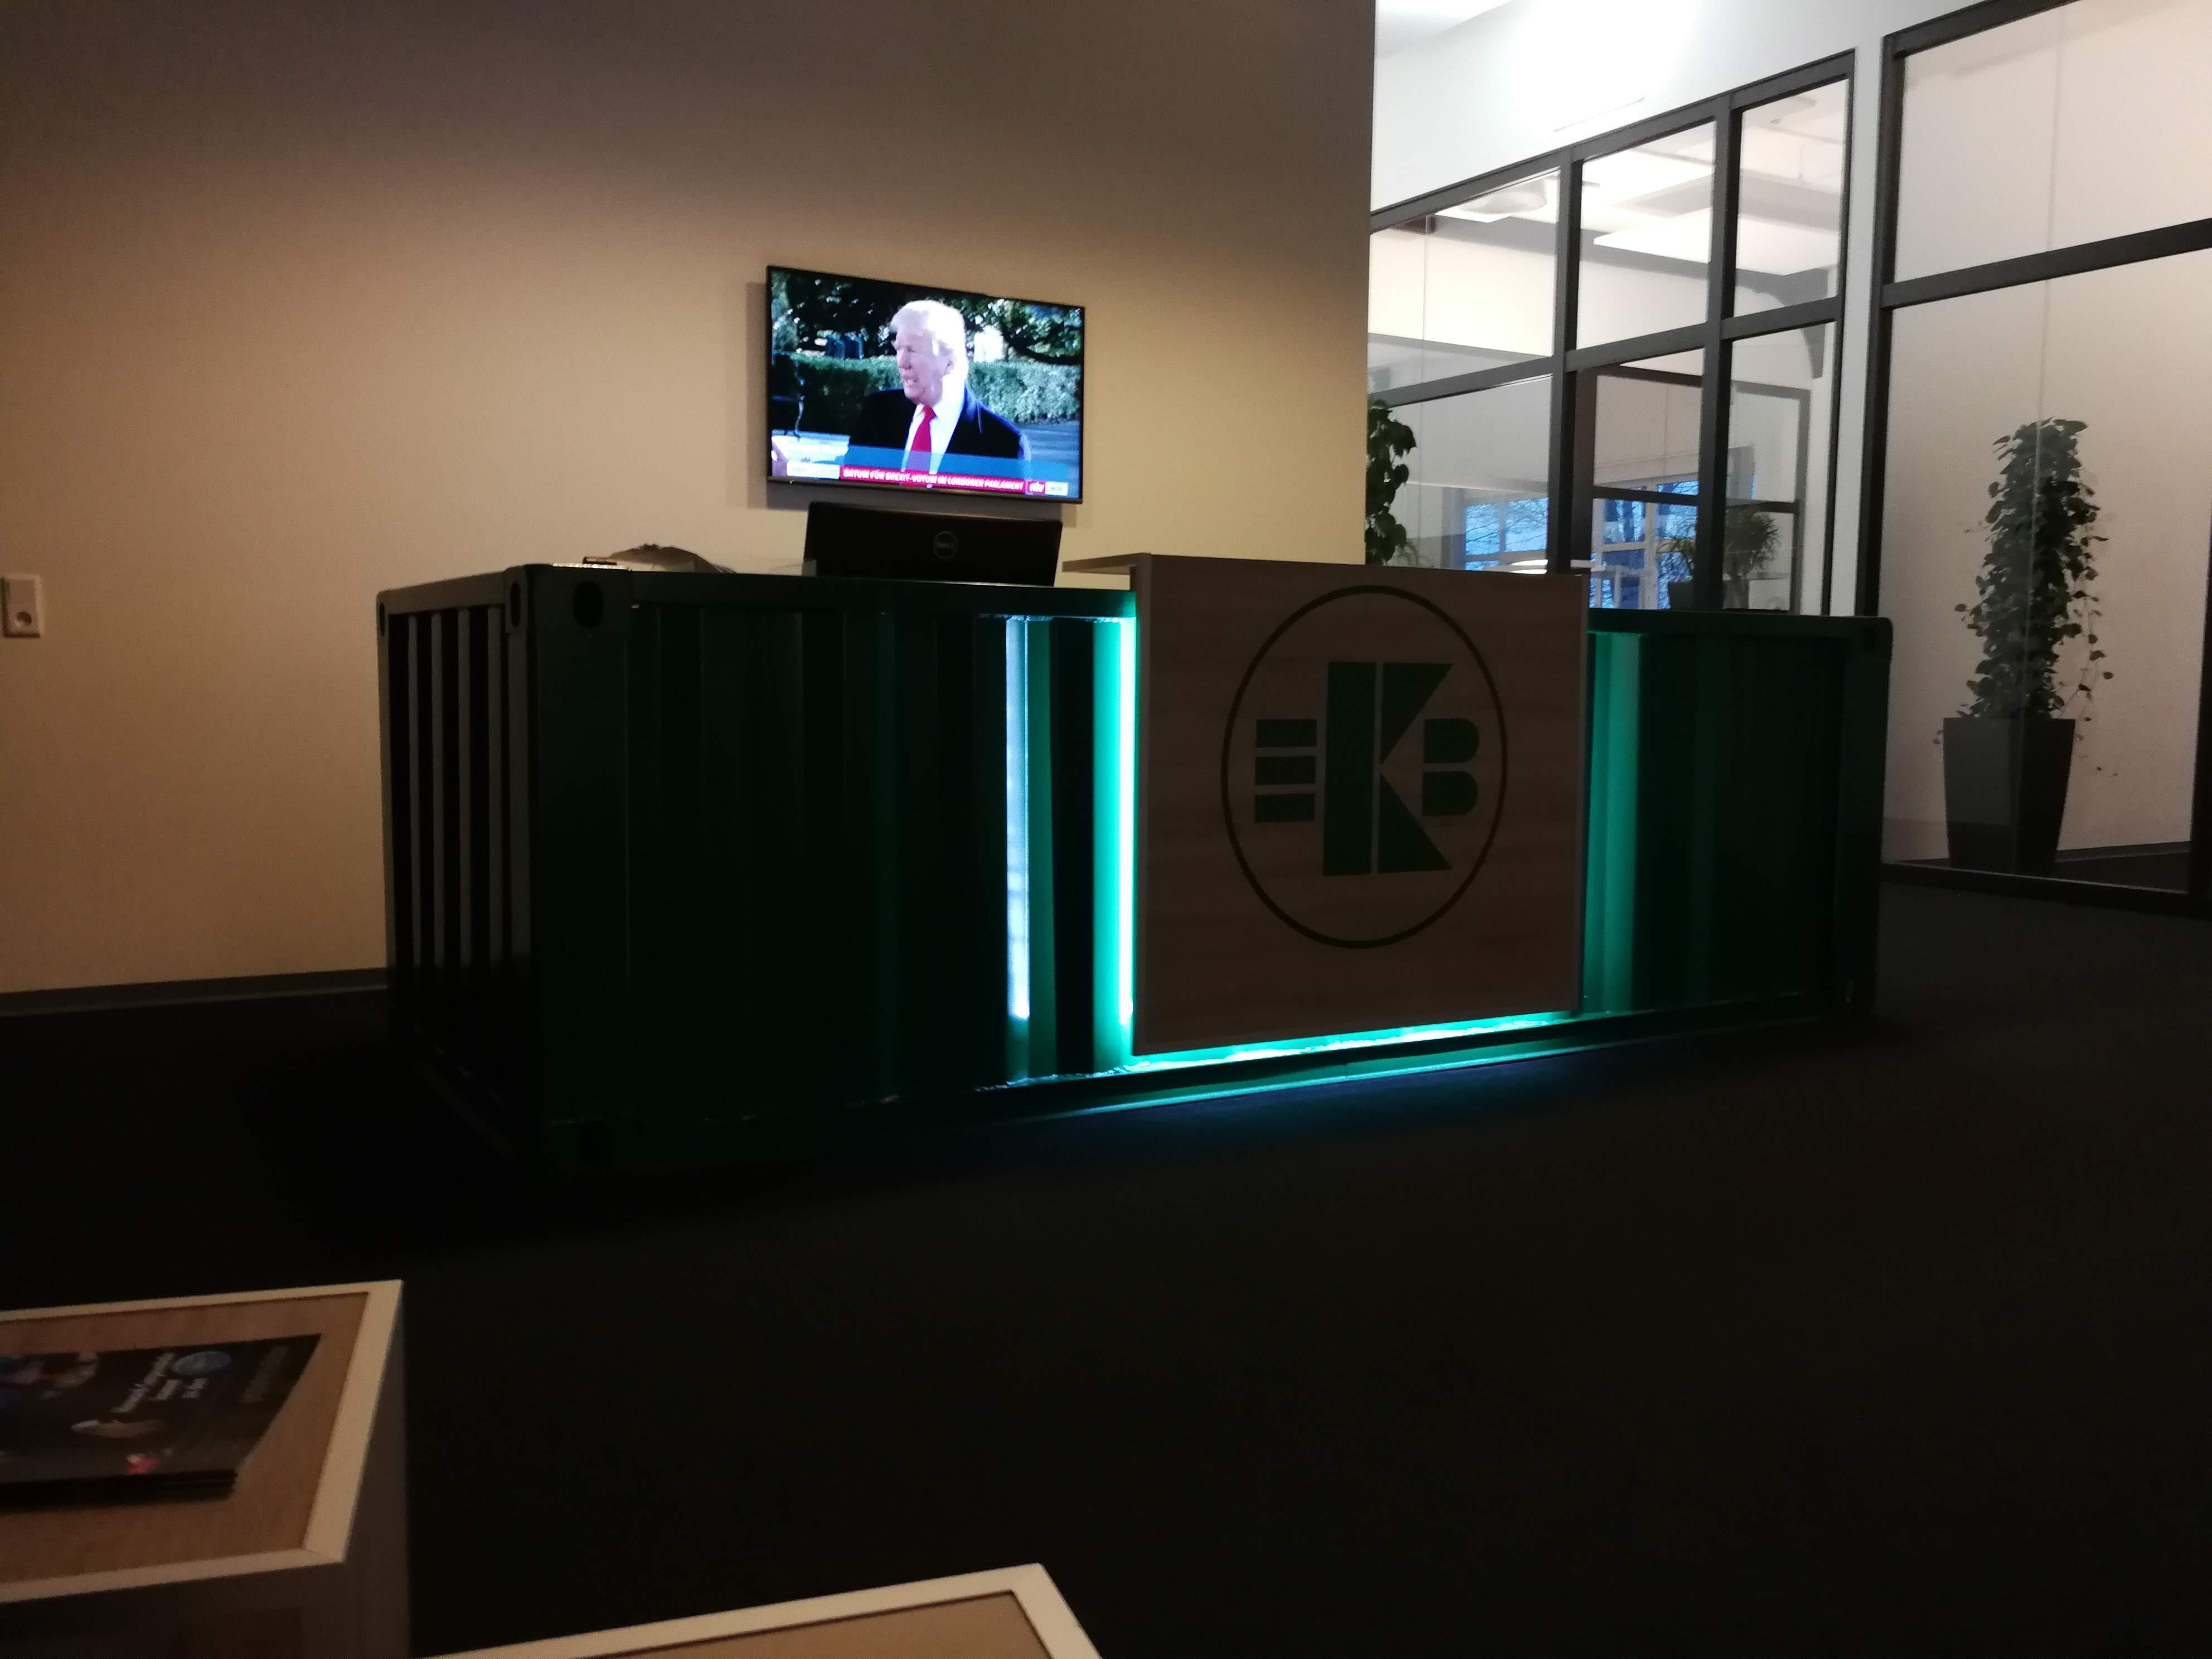 Empfang von EKB in Bremen